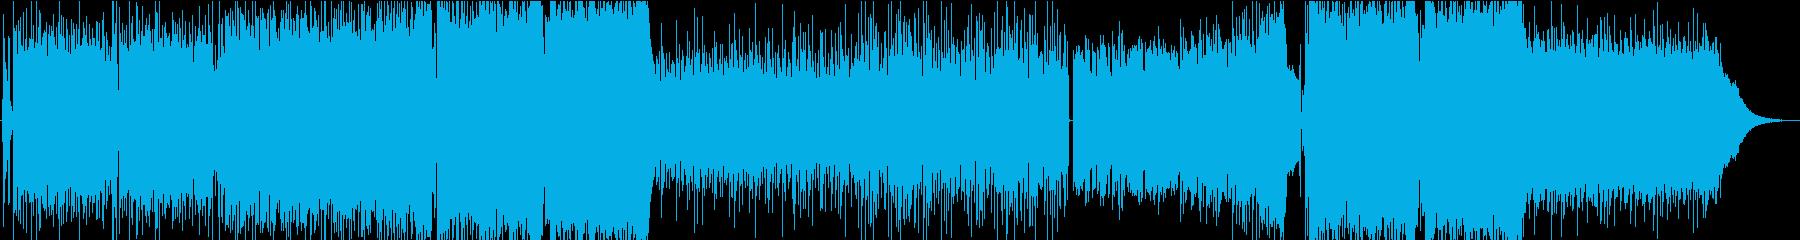 萌えボイス入りのかわいい系EDMの再生済みの波形